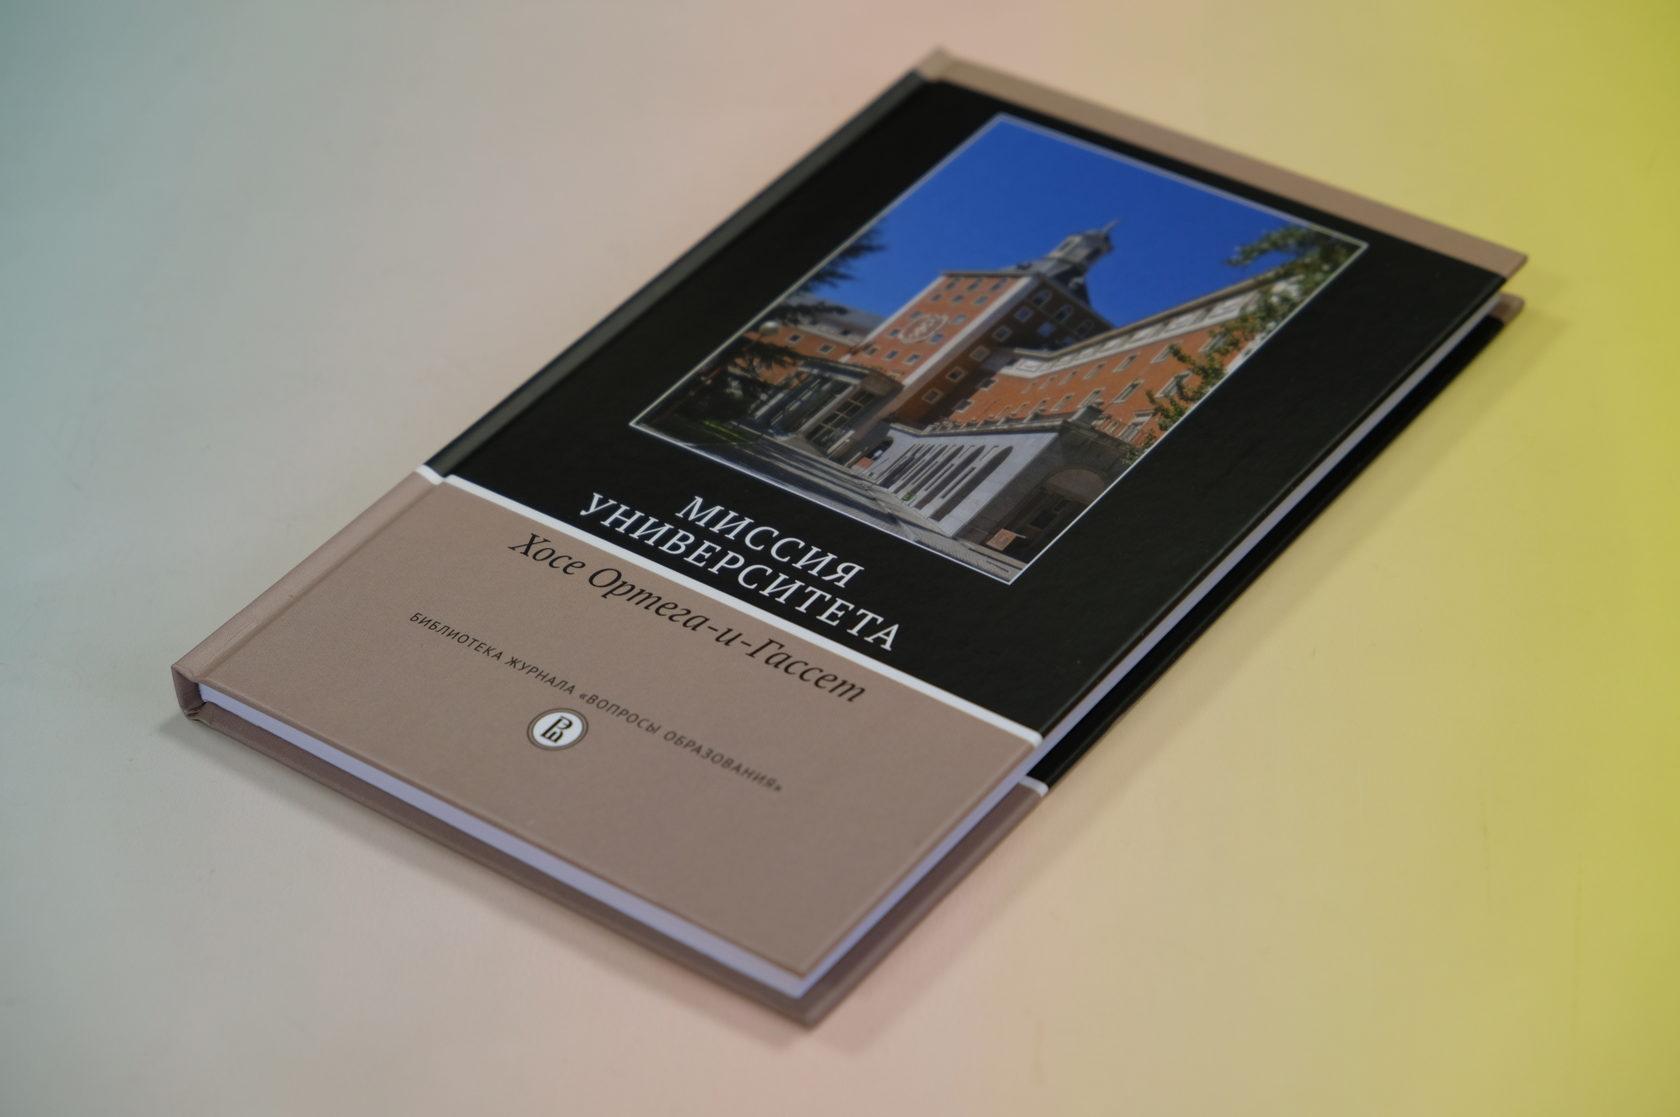 Купить книгу Хосе Ортега-и-Гассет «Миссия университета» 978-5-7598-1981-3